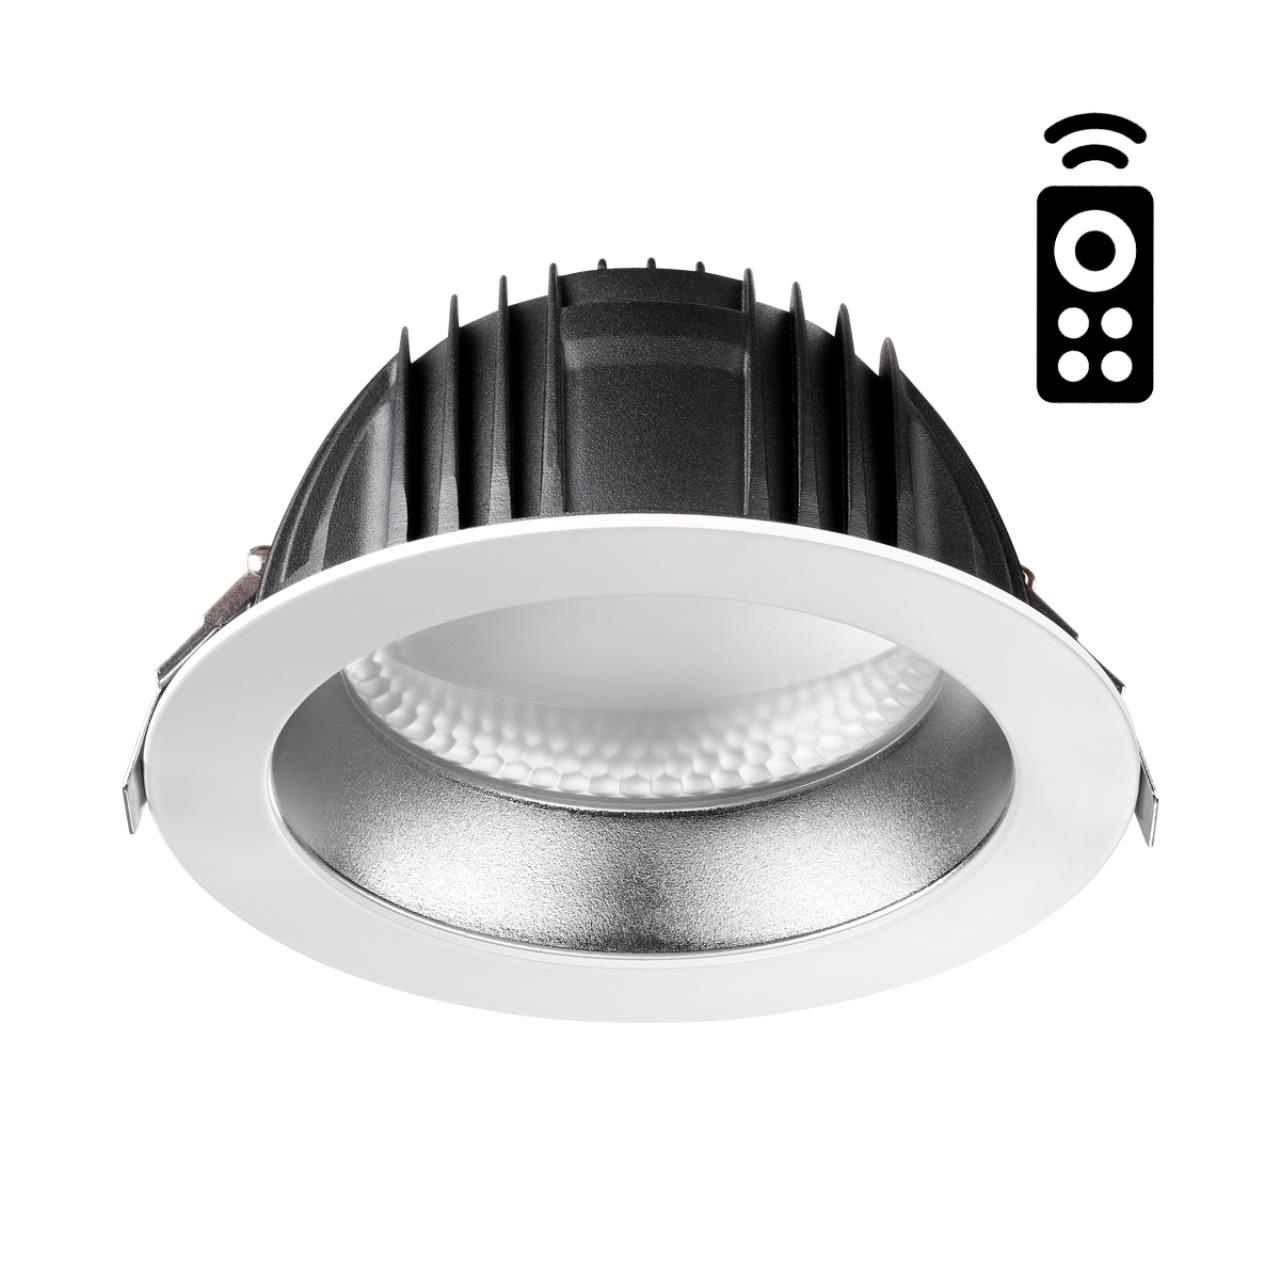 358335 SPOT NT19 000 белый/серебро Встраиваемый диммируемый св-к с пультом ДУ IP20 LED 2700~5000К